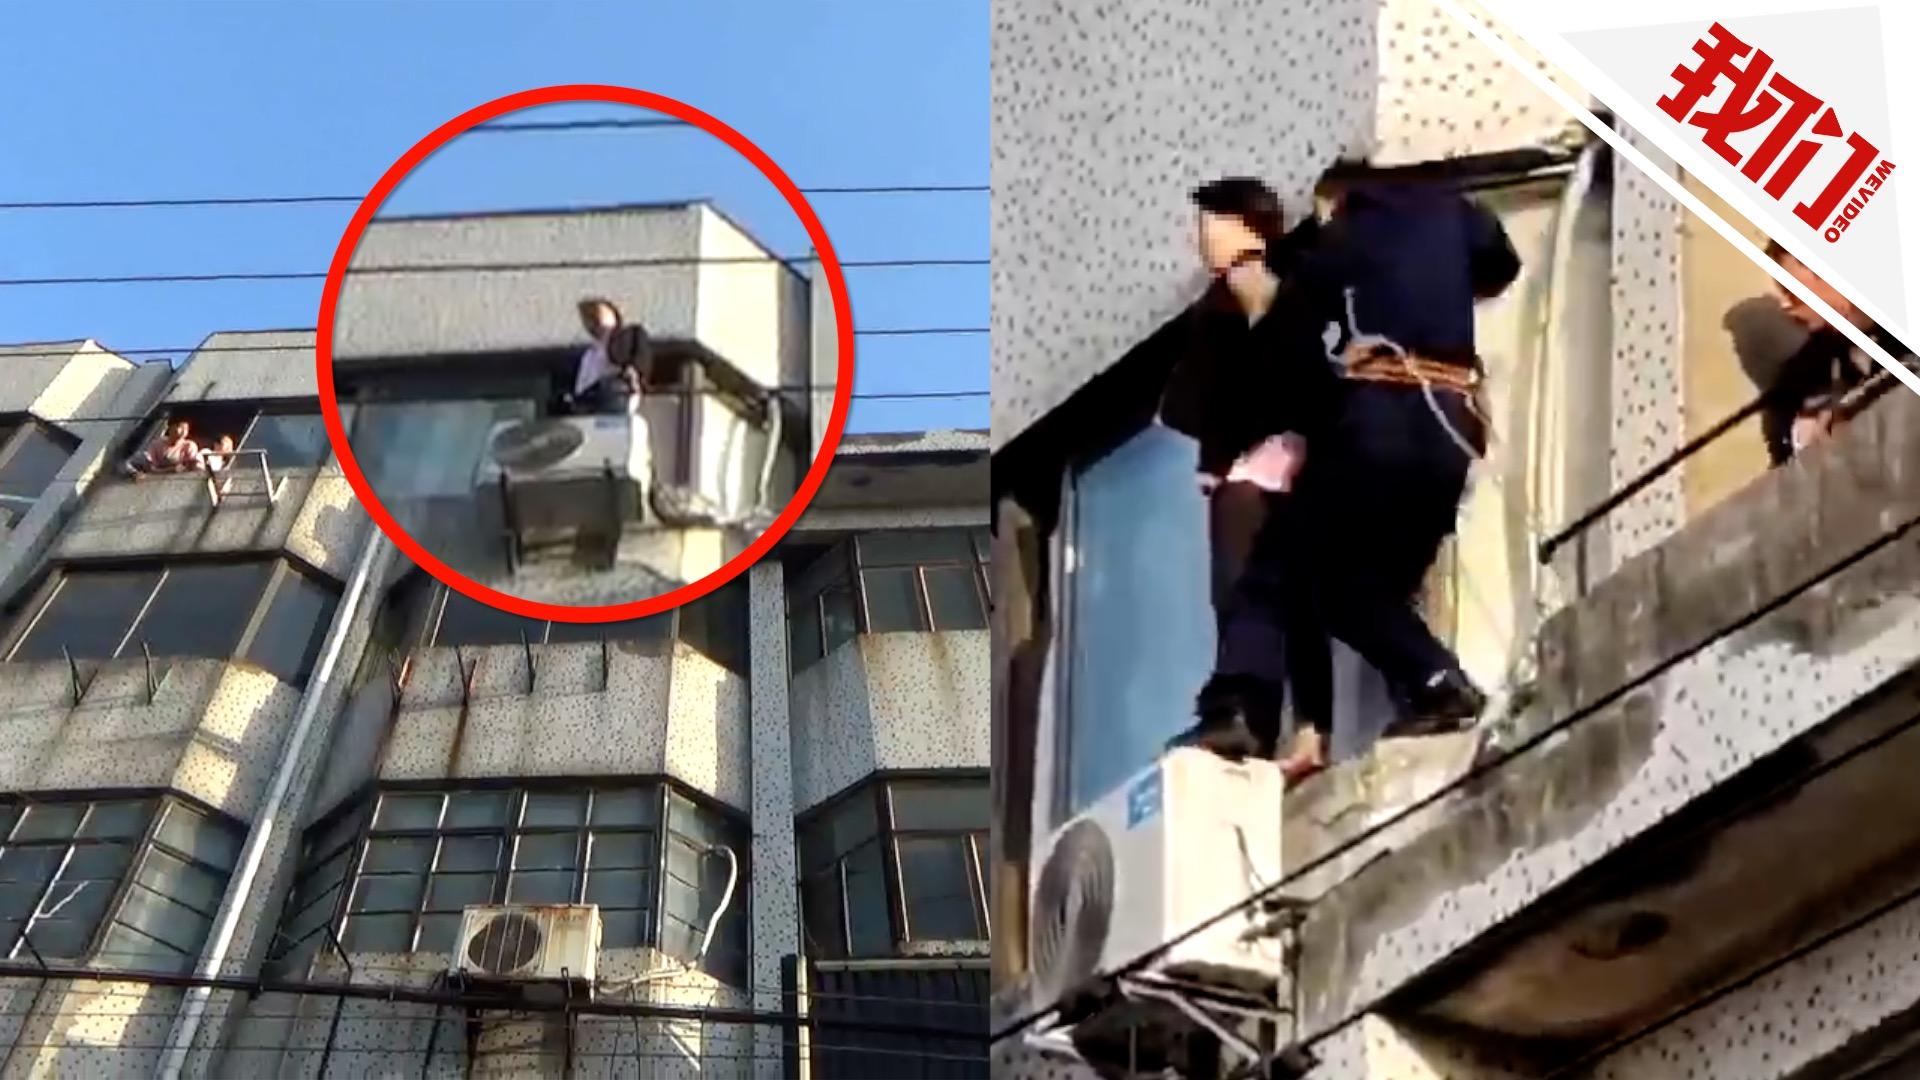 16岁少女欲跳楼轻生 消防员楼顶飞身一跃将其推回房间